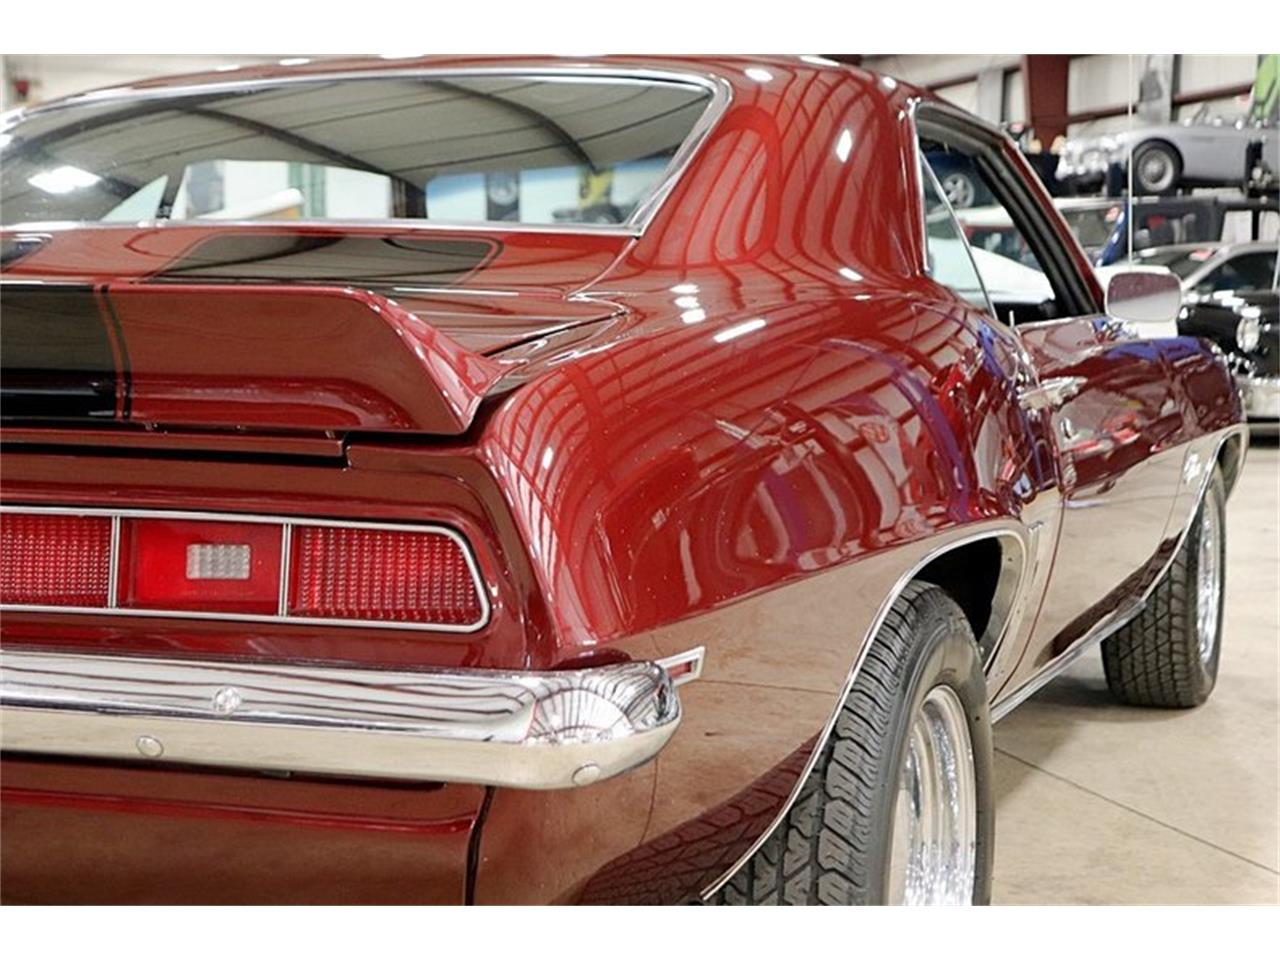 Large Picture of '69 Camaro located in Michigan - $37,900.00 - Q2ED